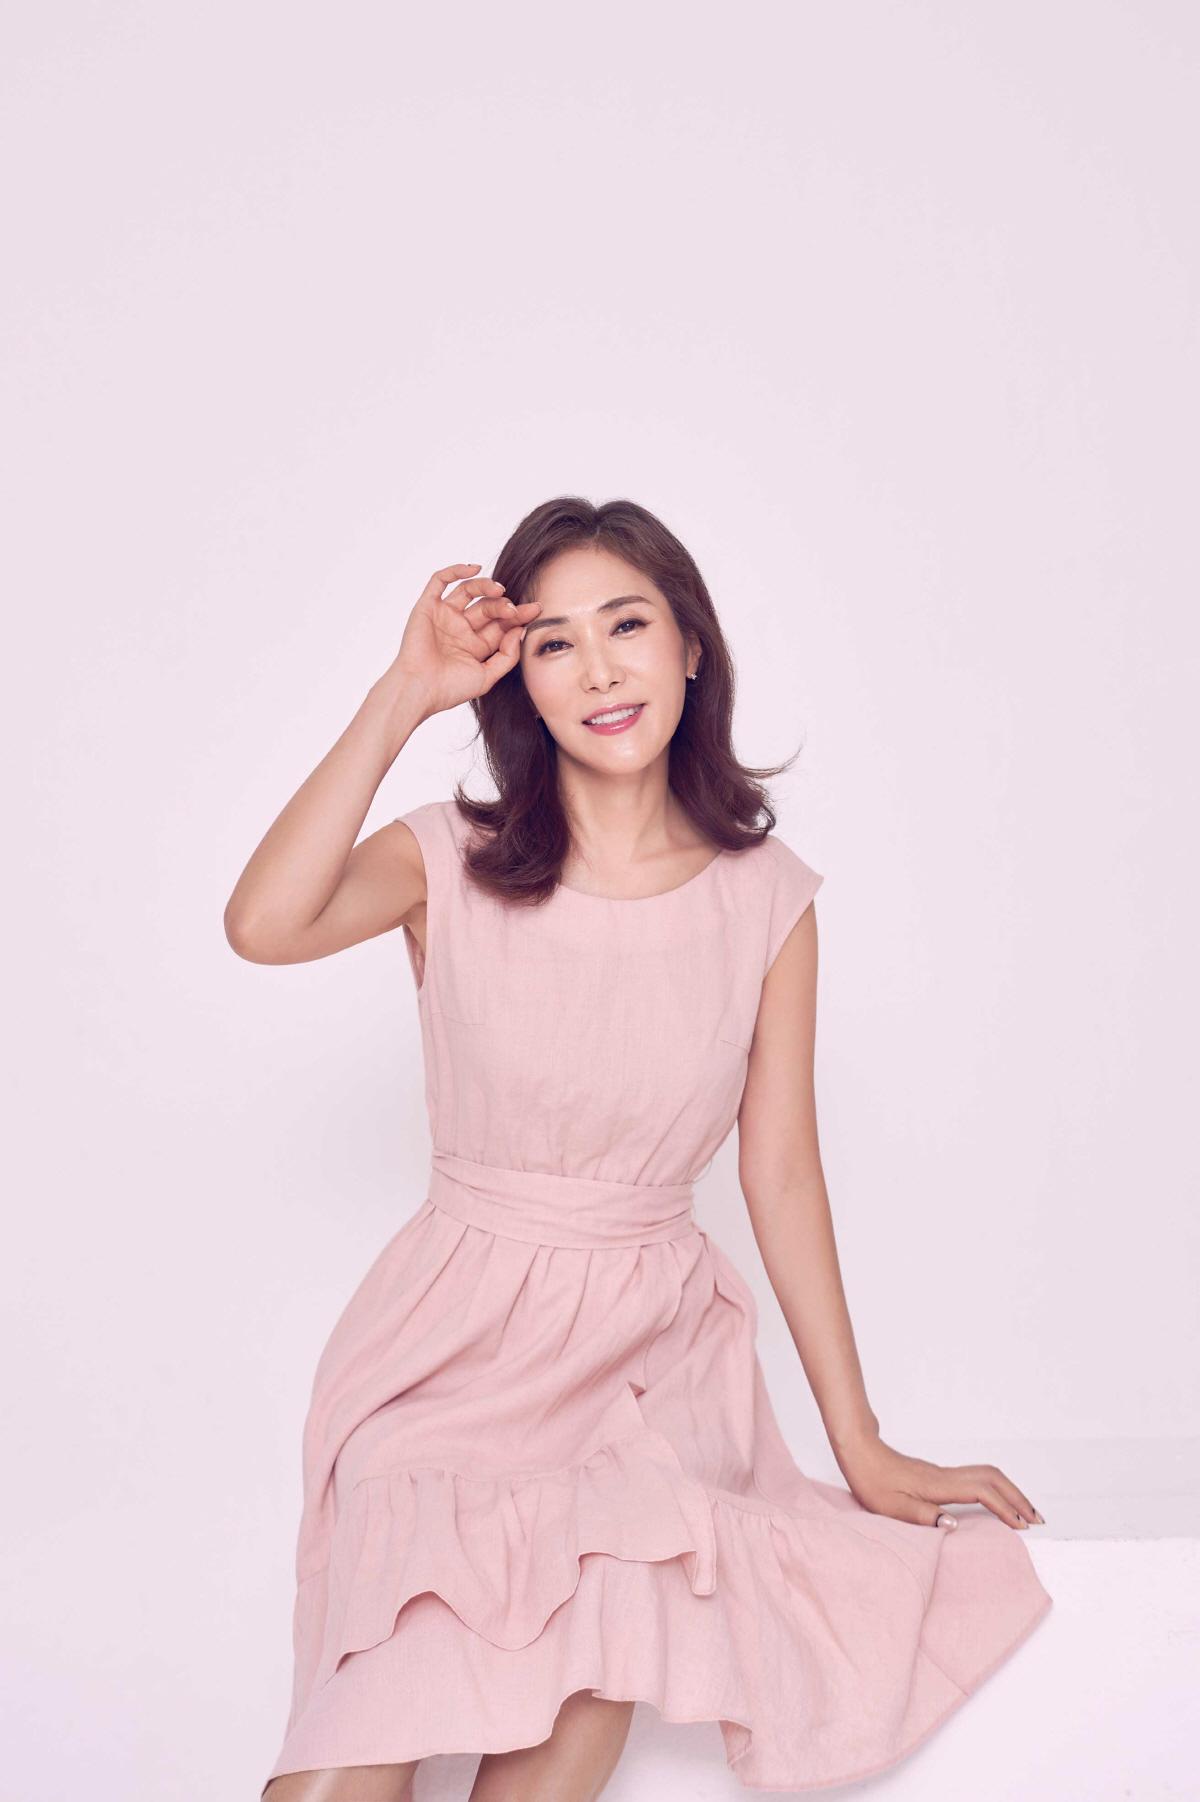 24일(금), 장혜진 드라마 '우아한 친구들' OST '어디에 있나요' 발매 | 인스티즈